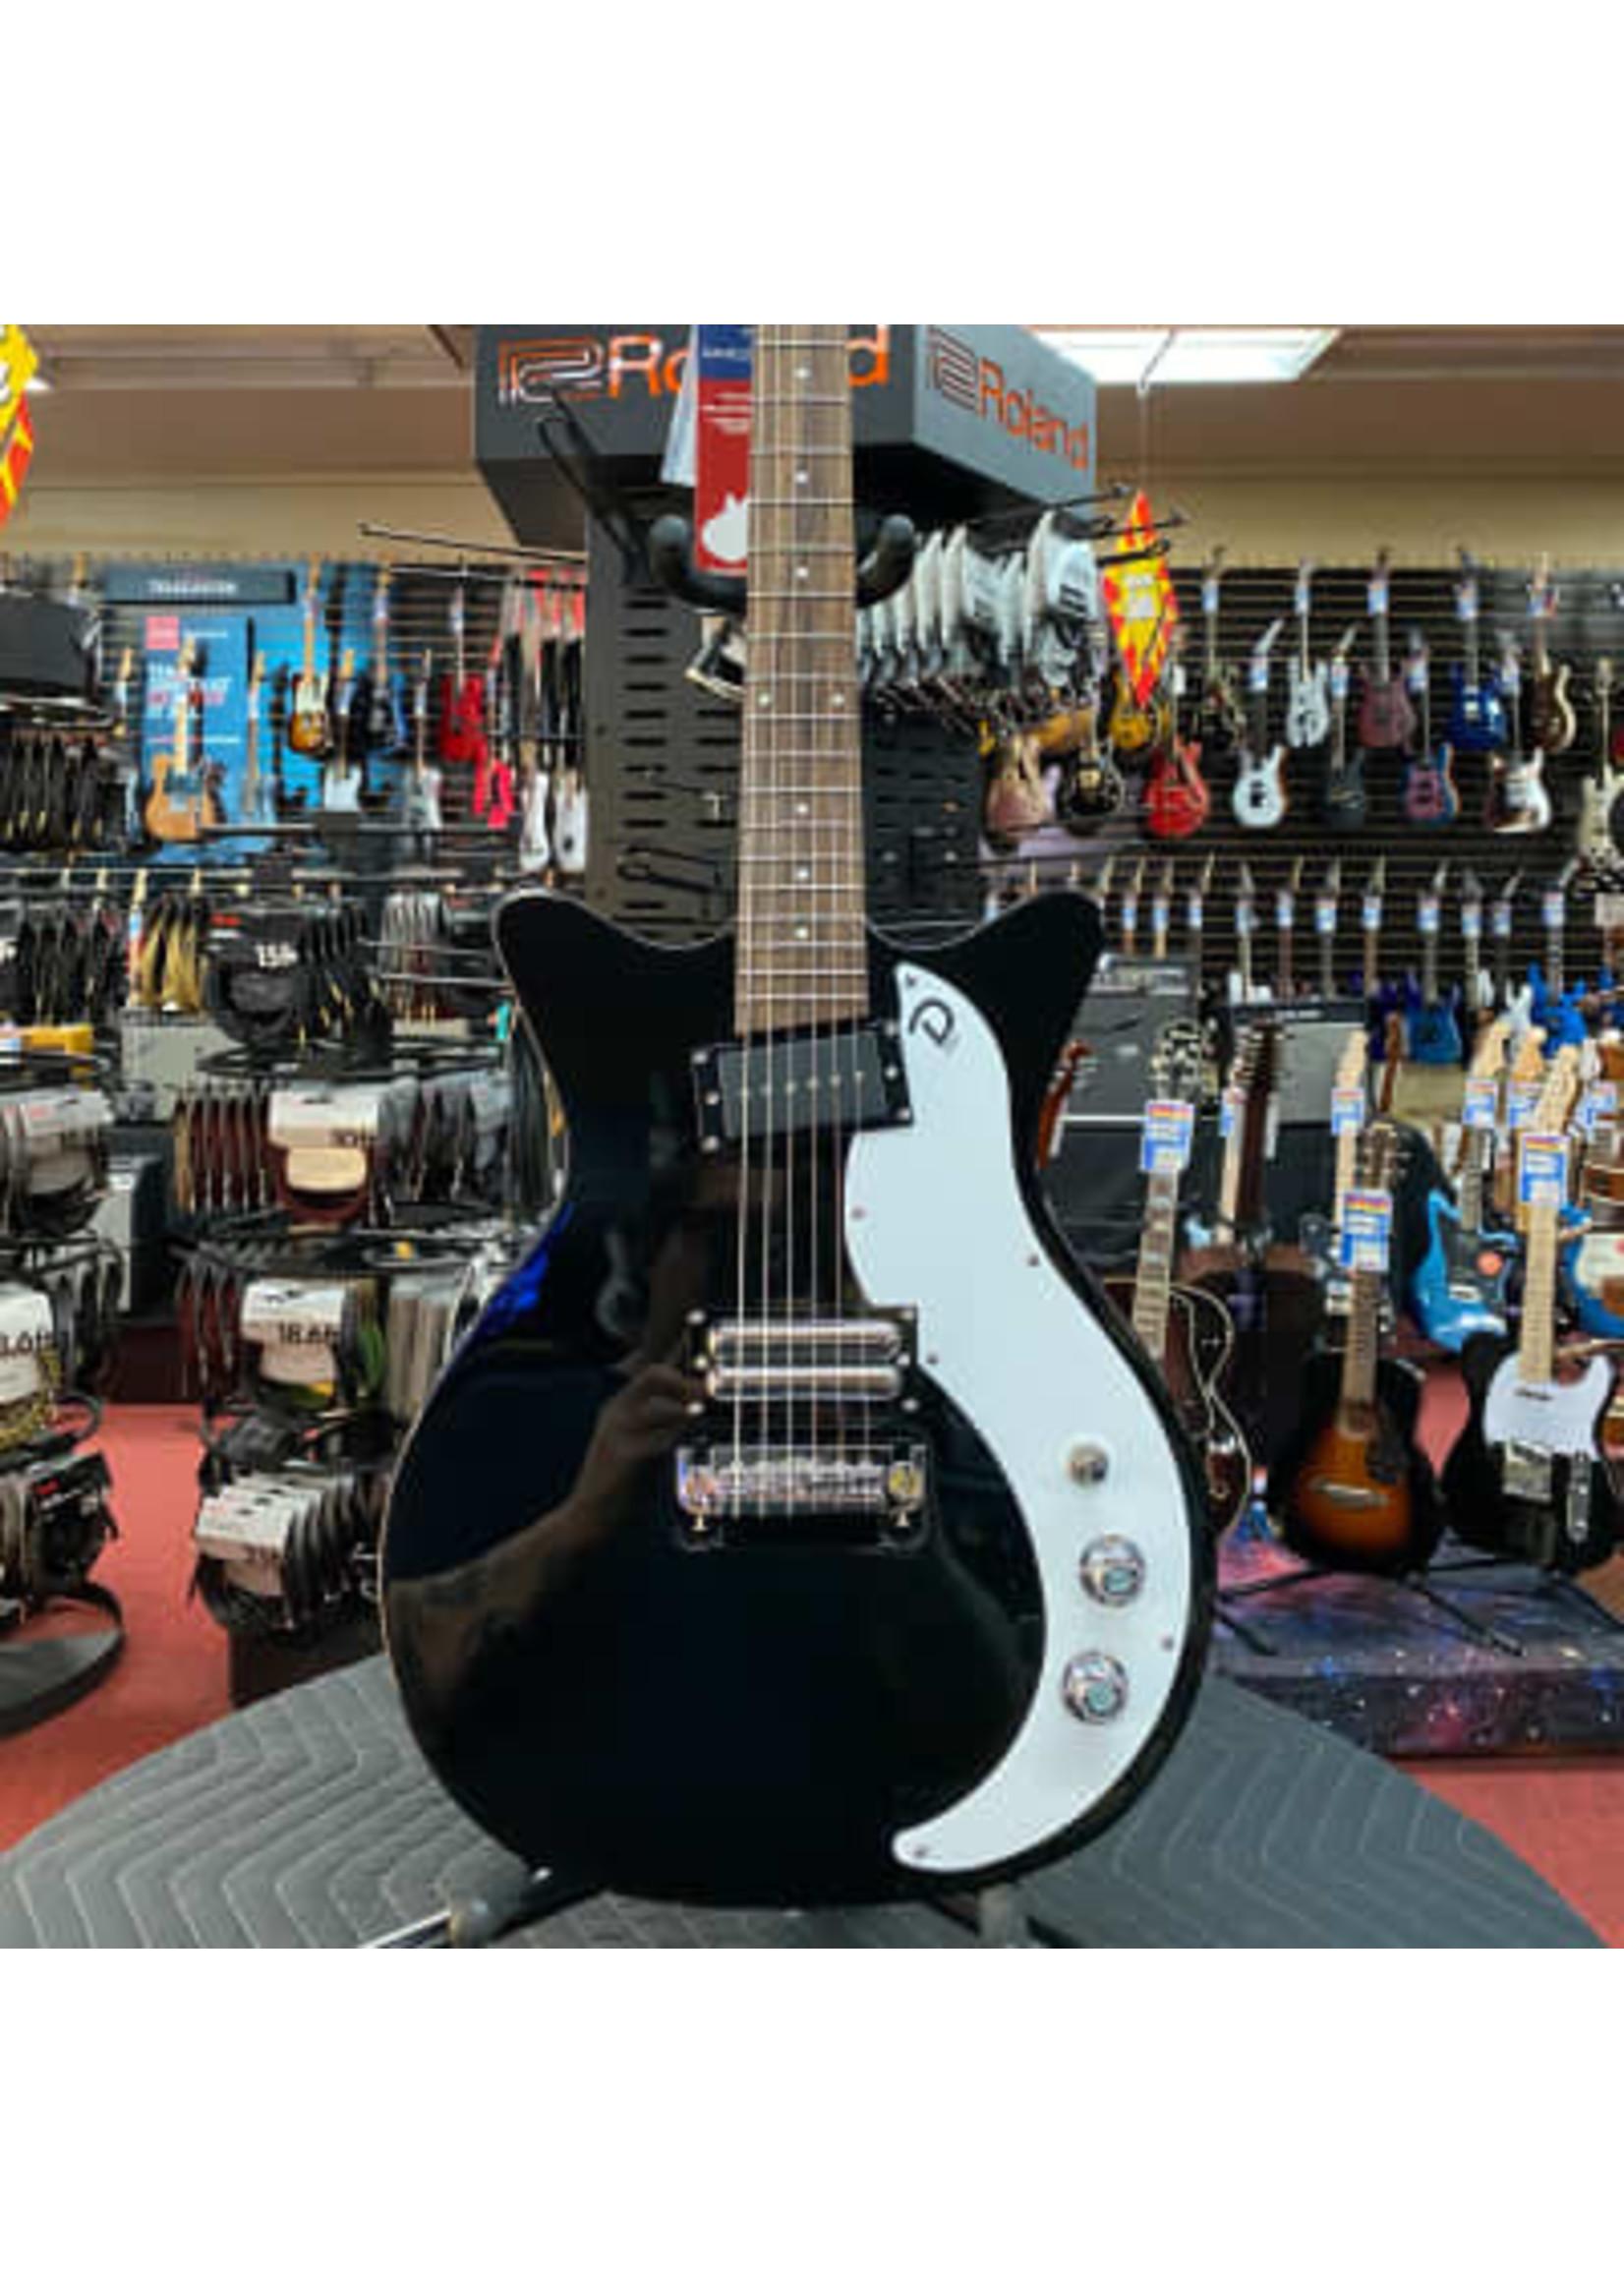 Danelectro Danelectro 59x Electric Guitar - Black